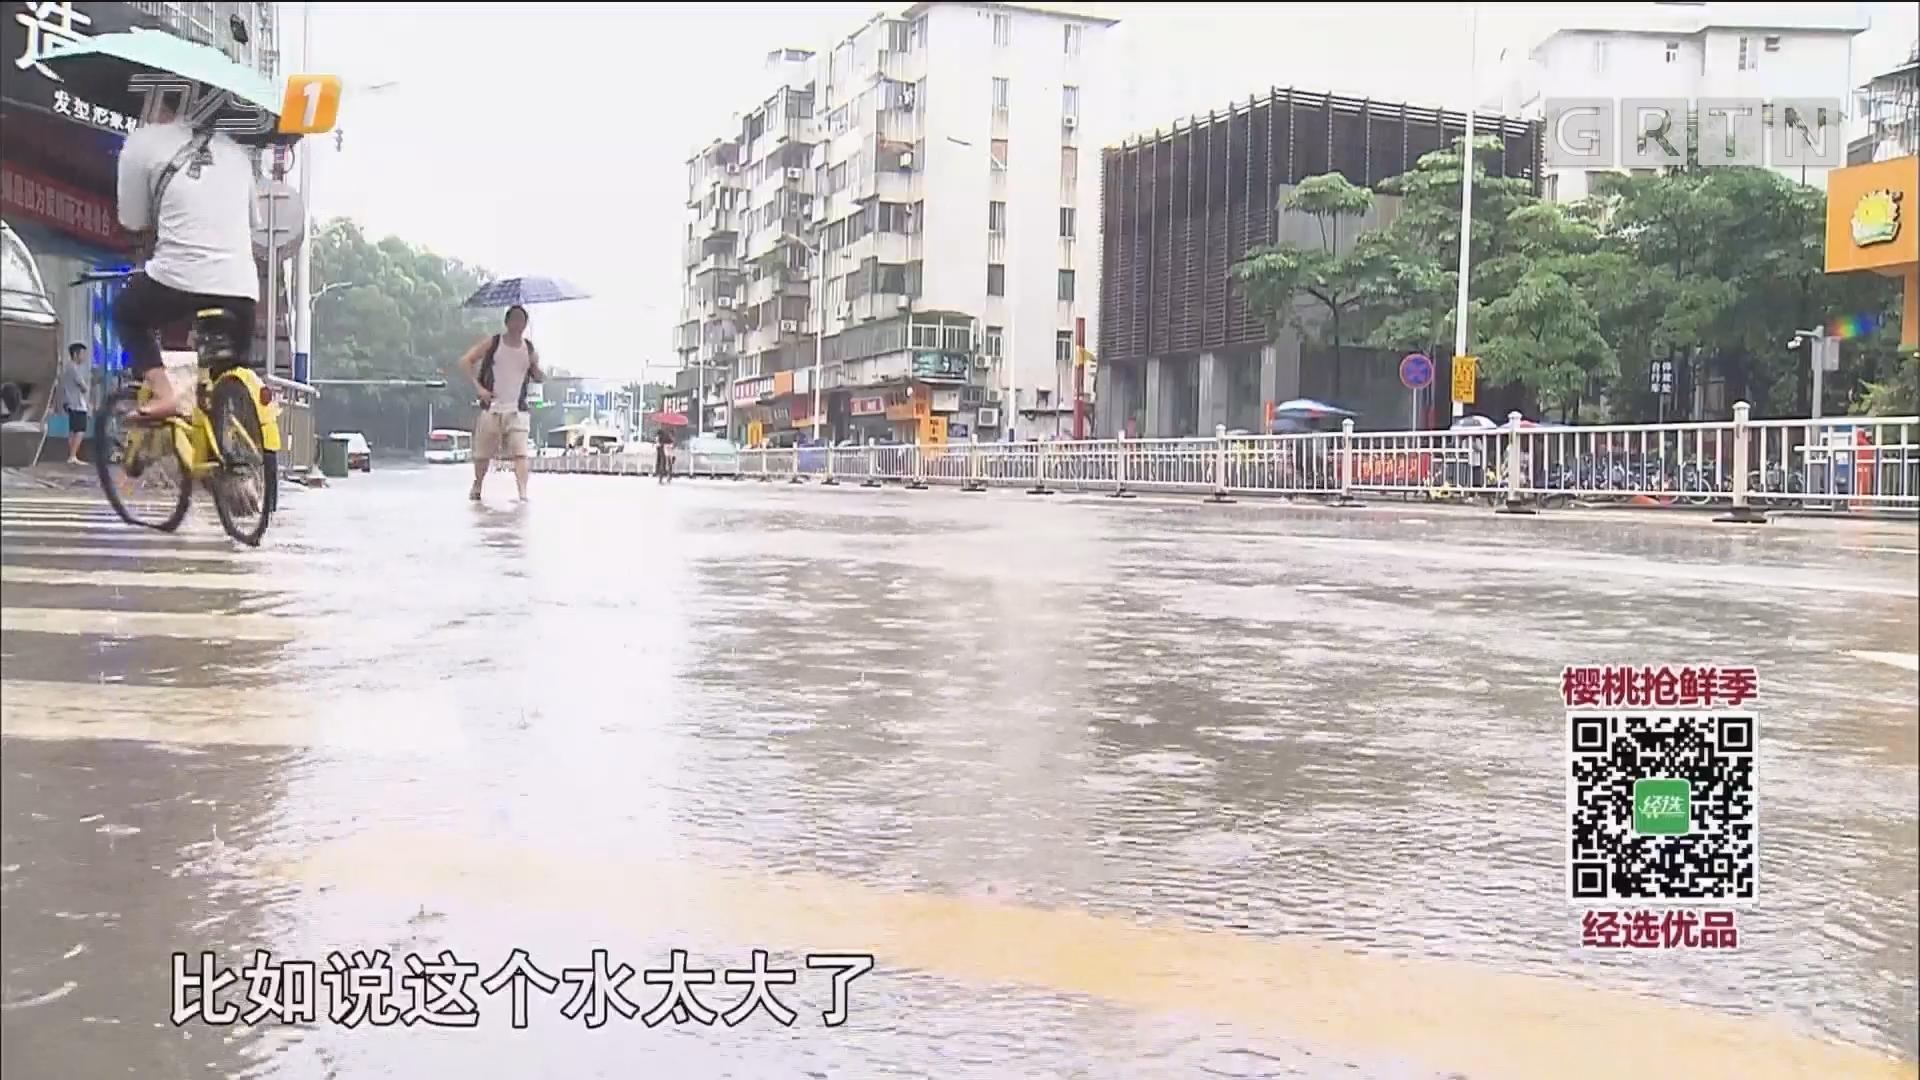 台风刚走龙舟水来袭 广州番禺多地仍现水浸